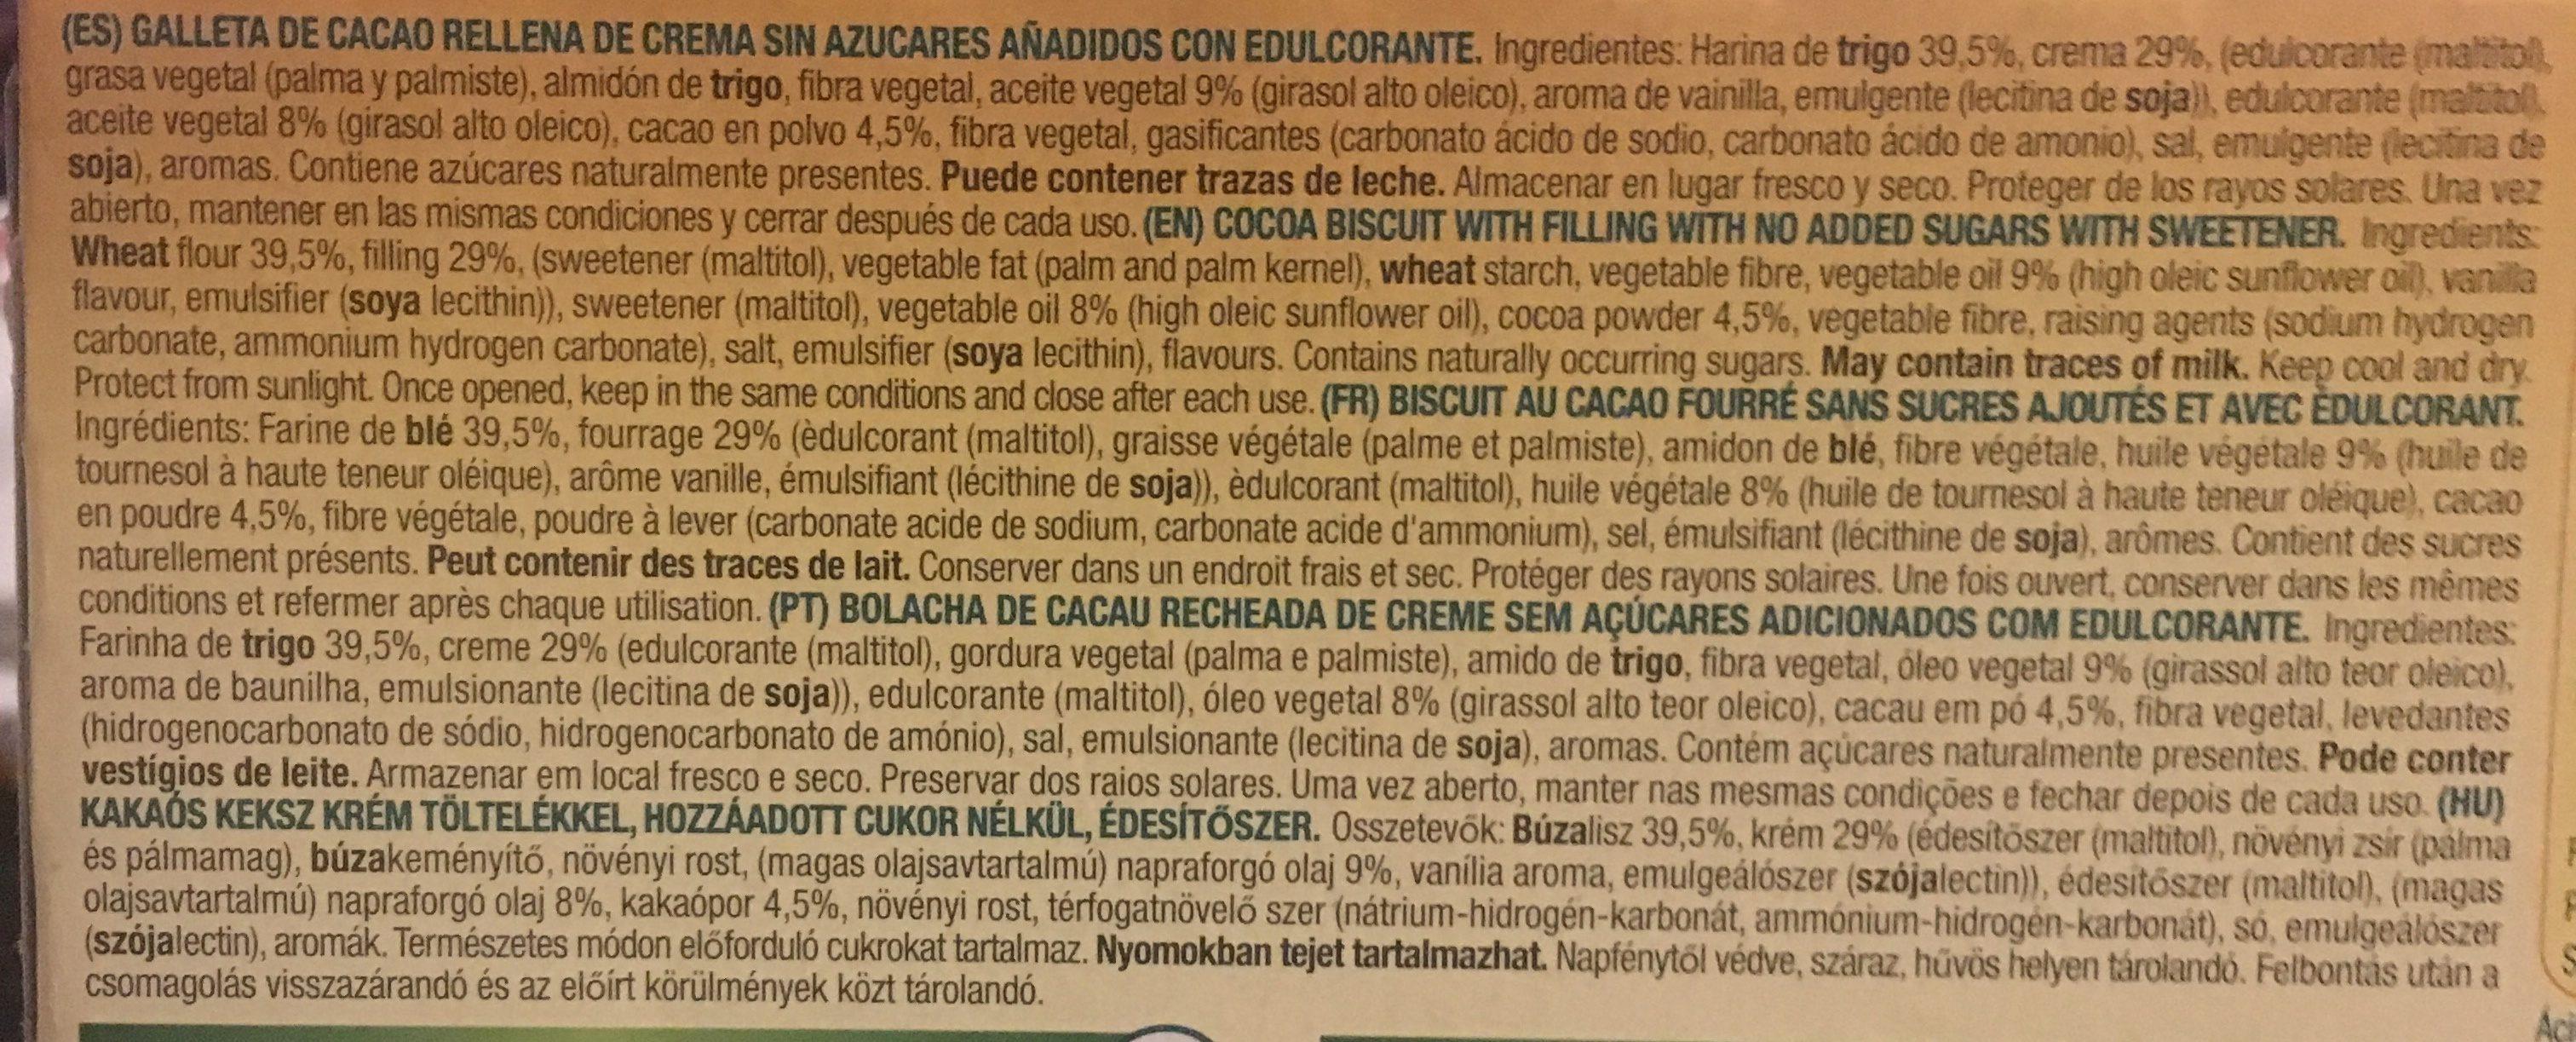 Galletas sandwich de cacao rellenas de crema - Ingredients